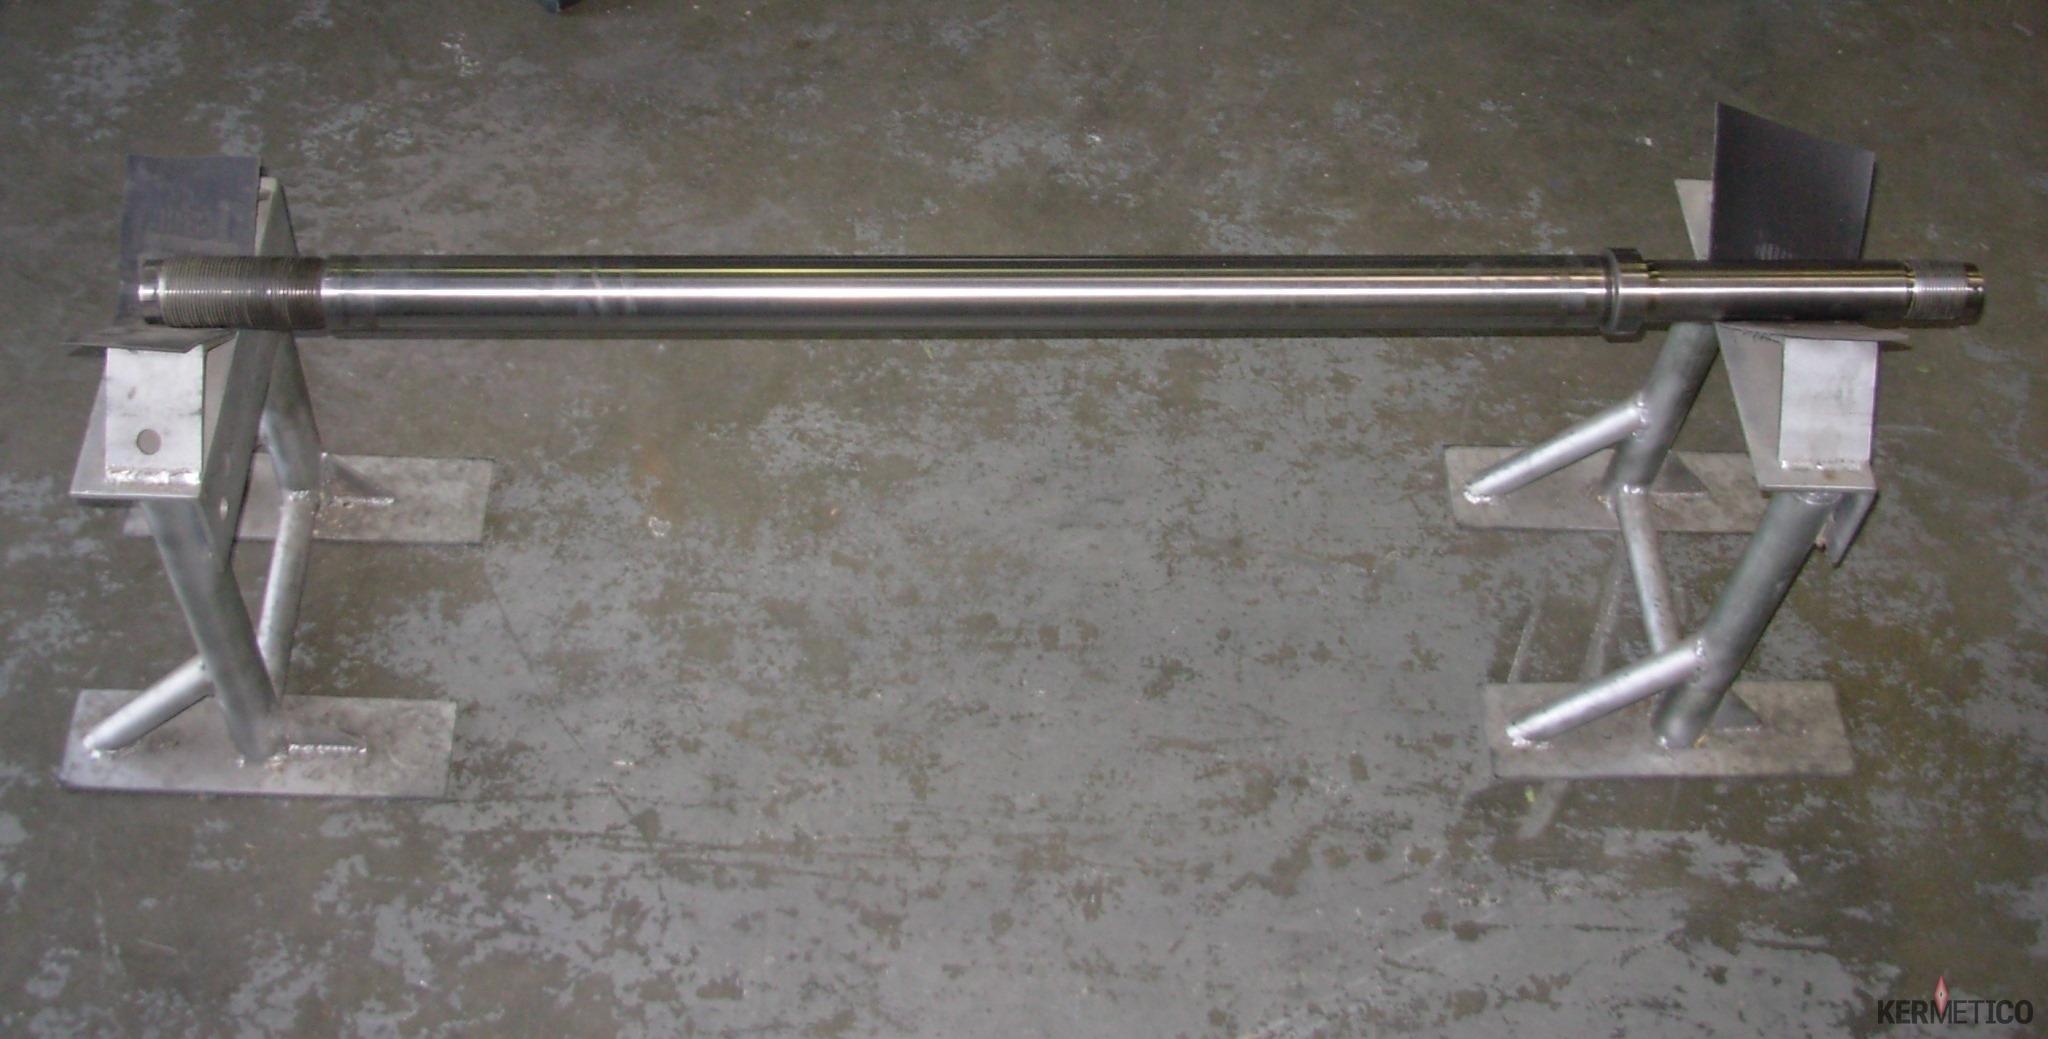 A Polished Compressor Rod with Kermetico HVAF Coating